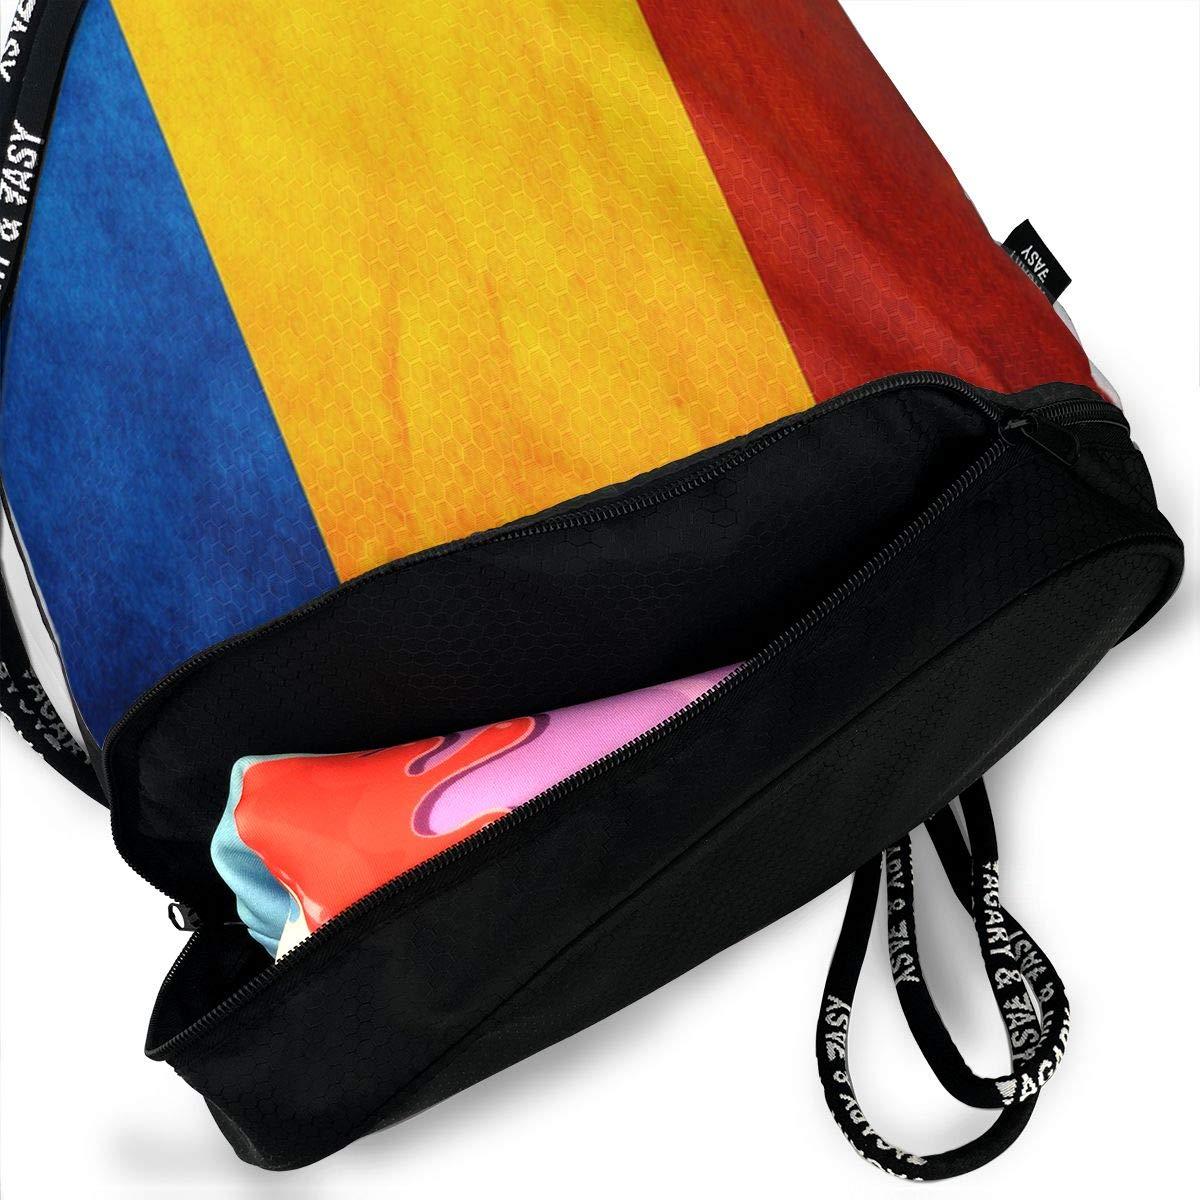 X-JUSEN Print Chad Flag Multi-Function Drawstring Bundle Backpack Burst Sackpack Gym Bag Pocket Daypack Tote Cinch Sack